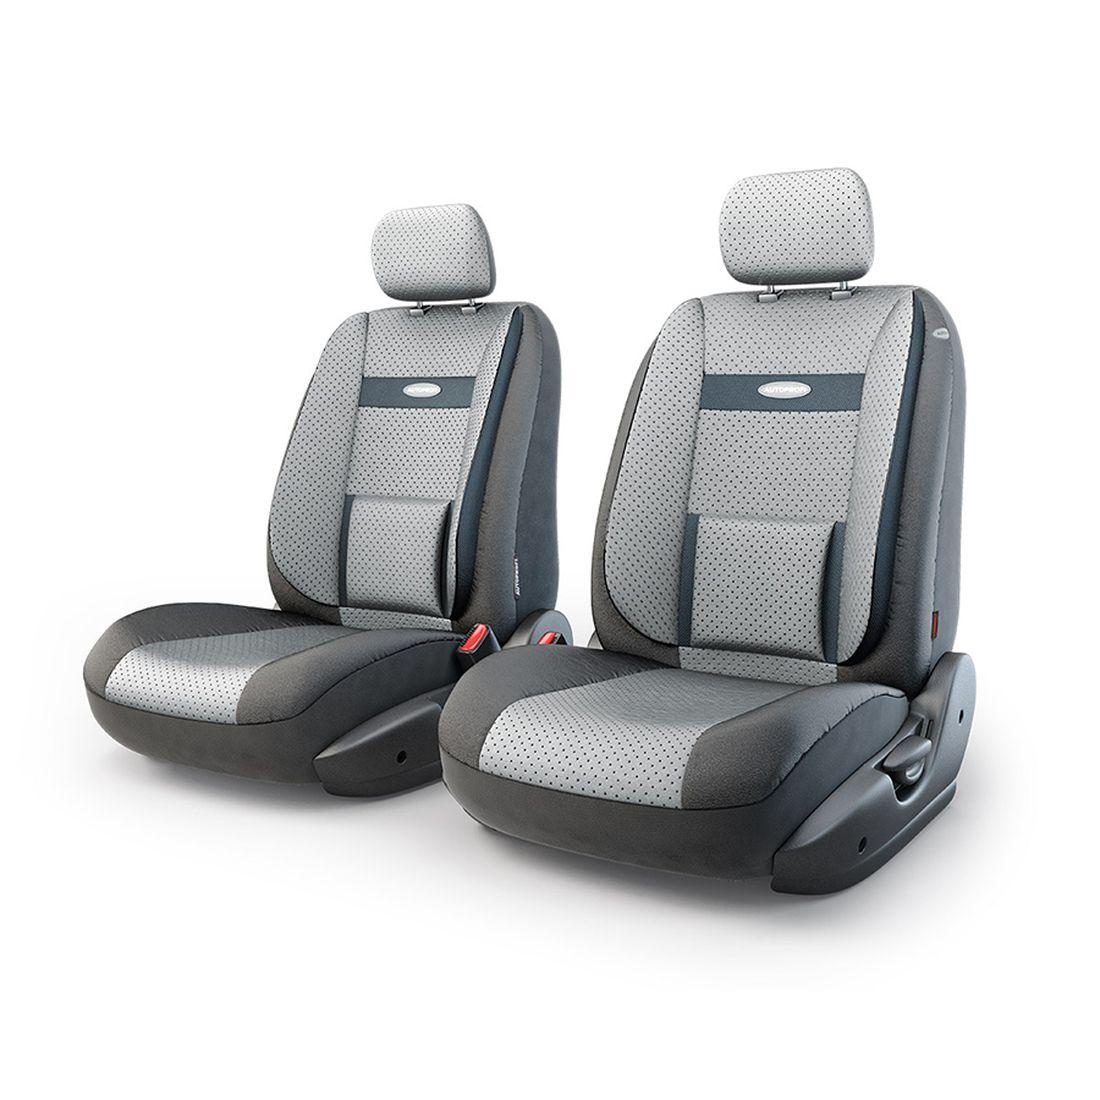 Чехлы автомобильные Autoprofi  Comfort, трансформер, экокожа, с ортопедической спинкой, цвет: черный, серый, 6 предметовTRS/COM-001G BK/D.GYЧехлы из экокожи для переднего ряда сидений. Запатентованная модульная конструкция с молниями и торцевыми клапанами, благодаря которой чехлы идеально облегают сидения практически любых автомобилей: седанов, минивенов , внедорожников, универсалов или хэтчбеков. Классический дизайн и качественная долговечная экокожа. Анатомическое строение для разгрузки спины при длительном сидении. Адаптированы под кресла переднего ряда с боковыми подушками безопасности. Оснащены карманами в спинках.Возможна установка в 5, 7, 8-местный автомобиль